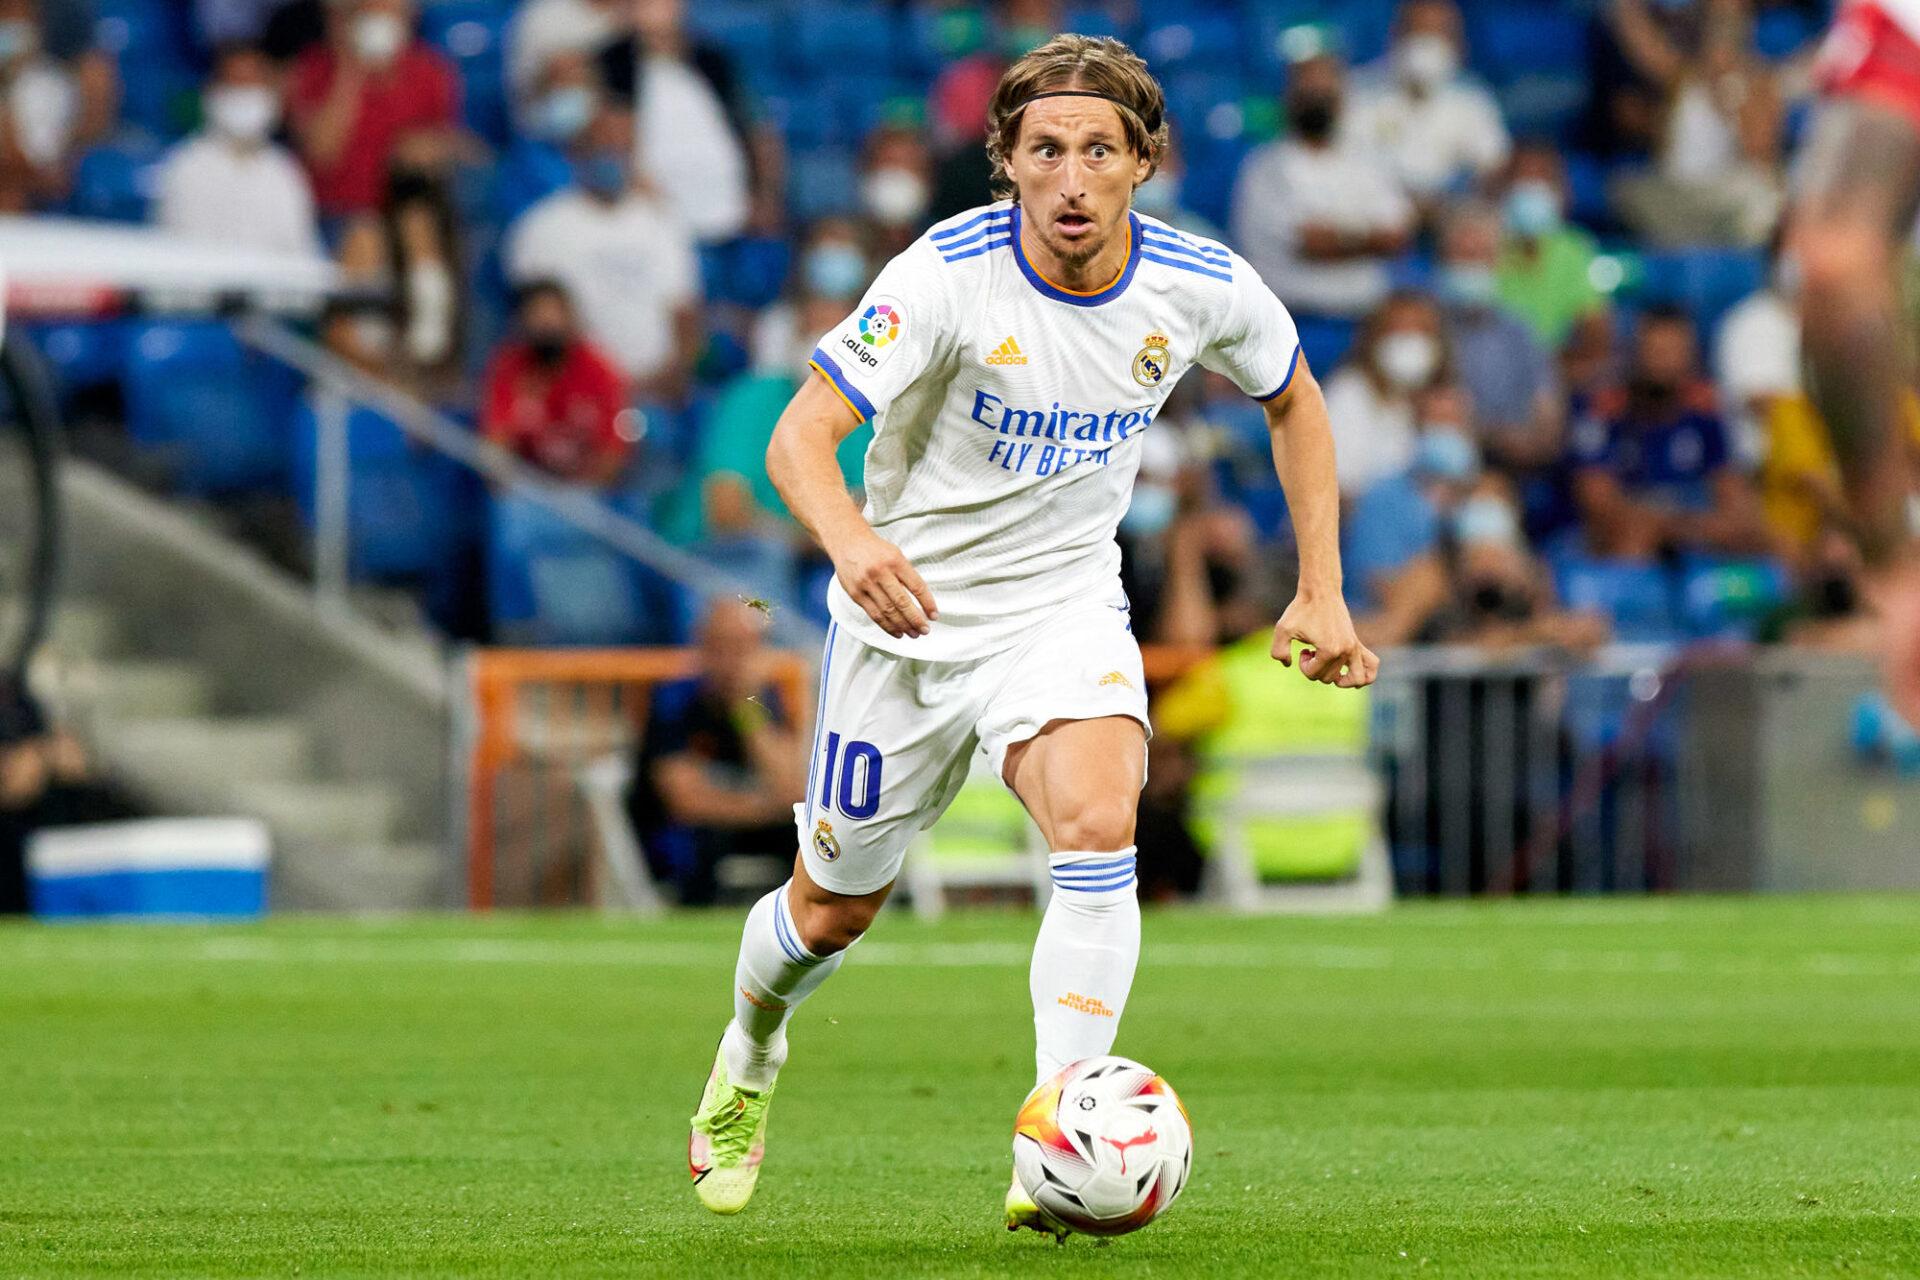 Carlo Ancelotti pourra s'appuyer sur Luka Modric, vainqueur comme lui de la Ligue des champions en 2014 avec le Real, pour bien figurer cette saison. Icon Sport